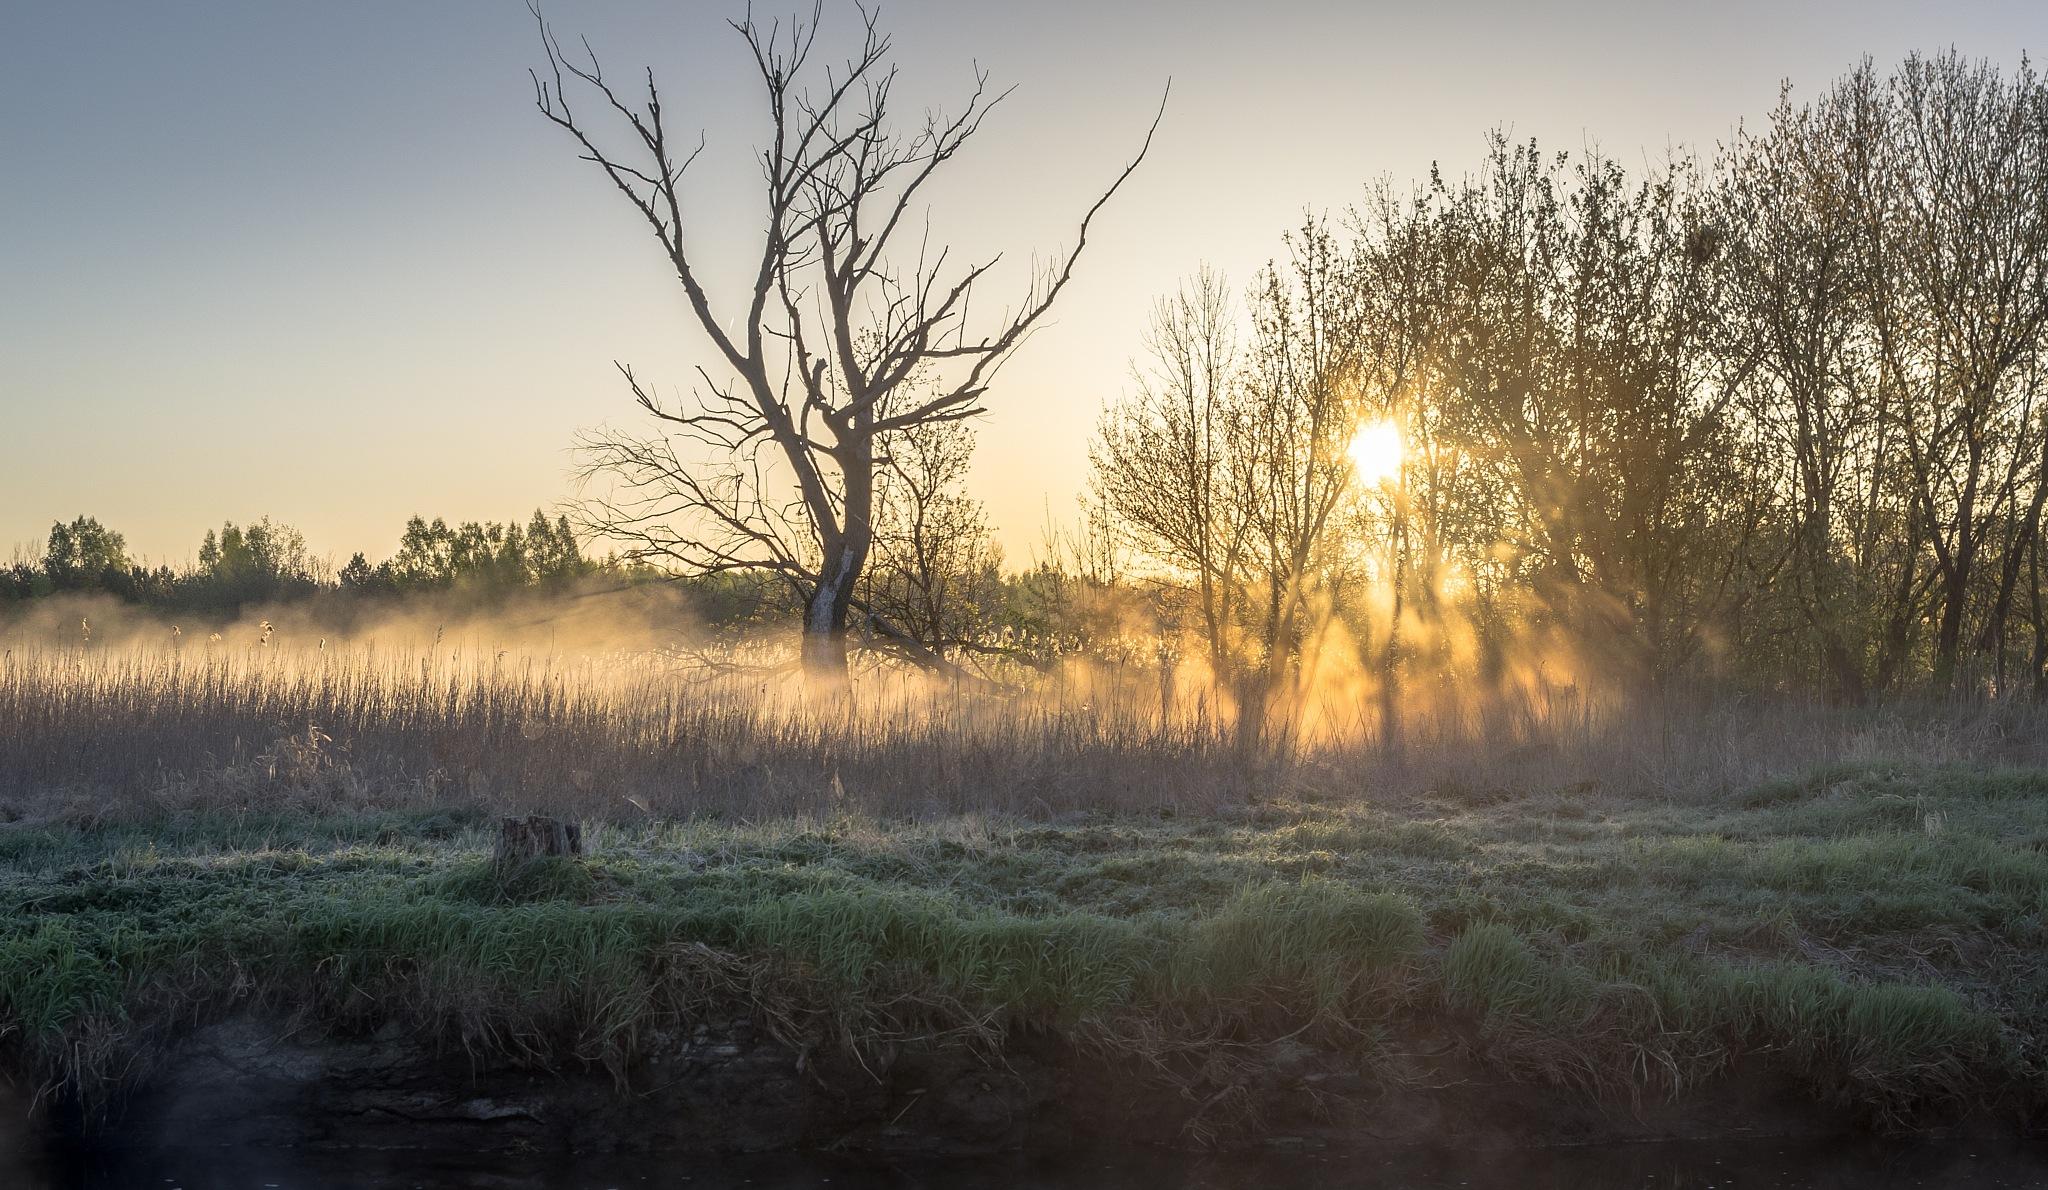 sunrise by Eagle70